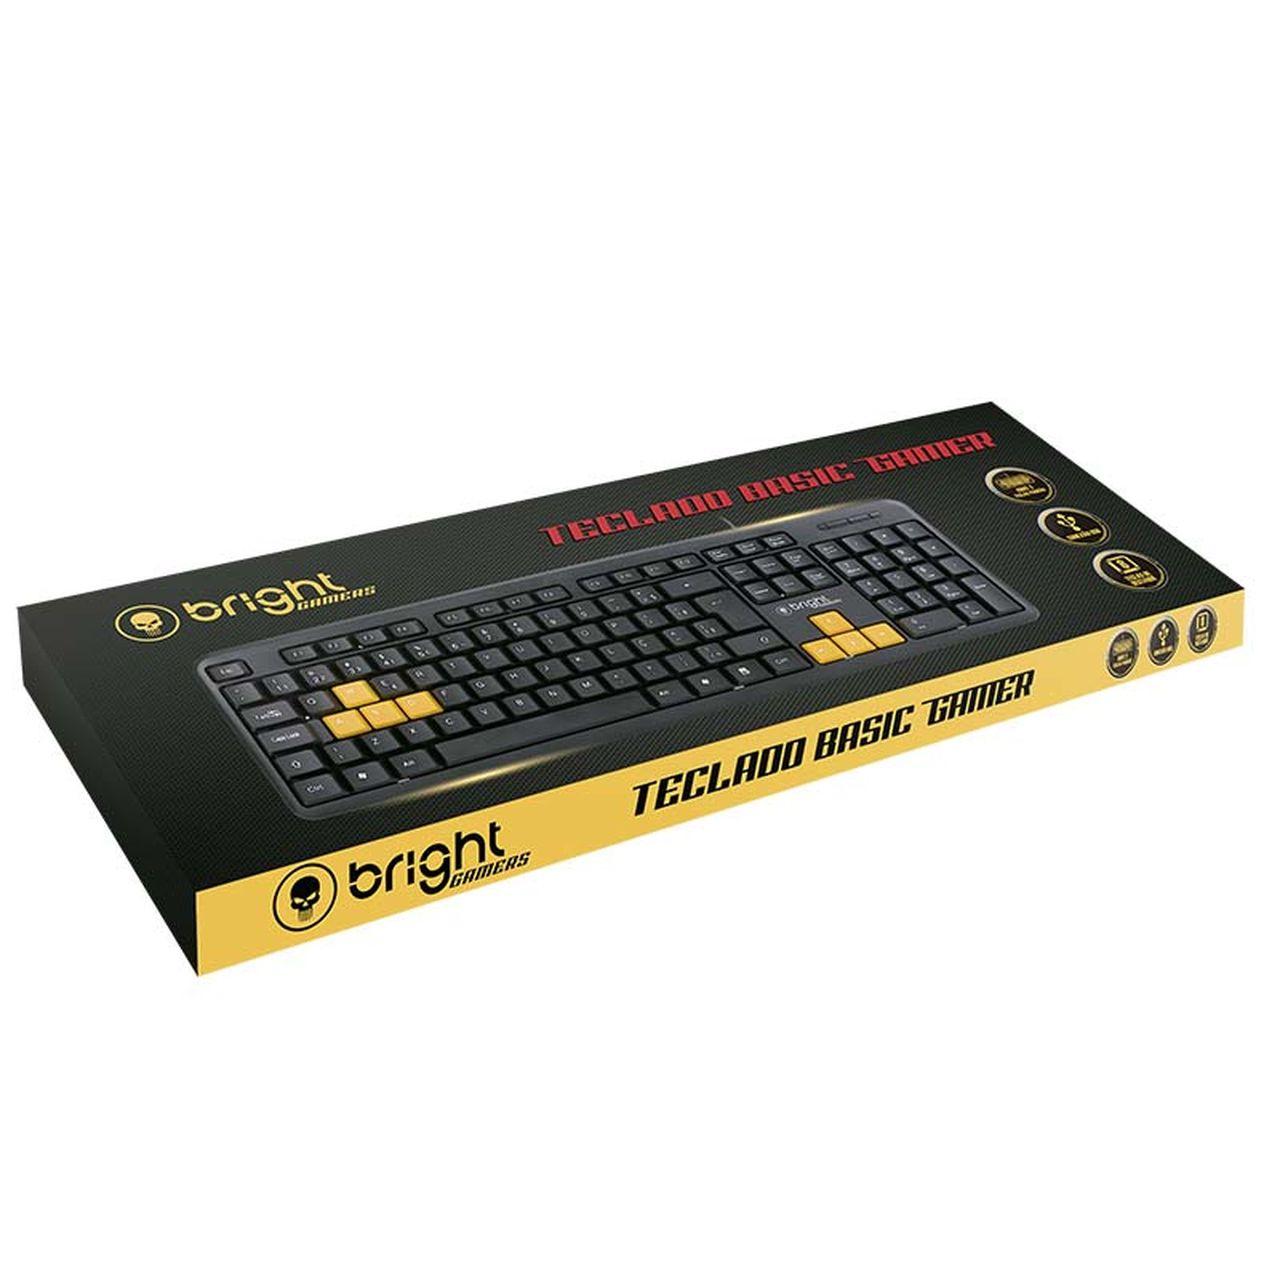 Teclado Gamer Basic USB Qwerty Abnt2 Preto 551 - Bright